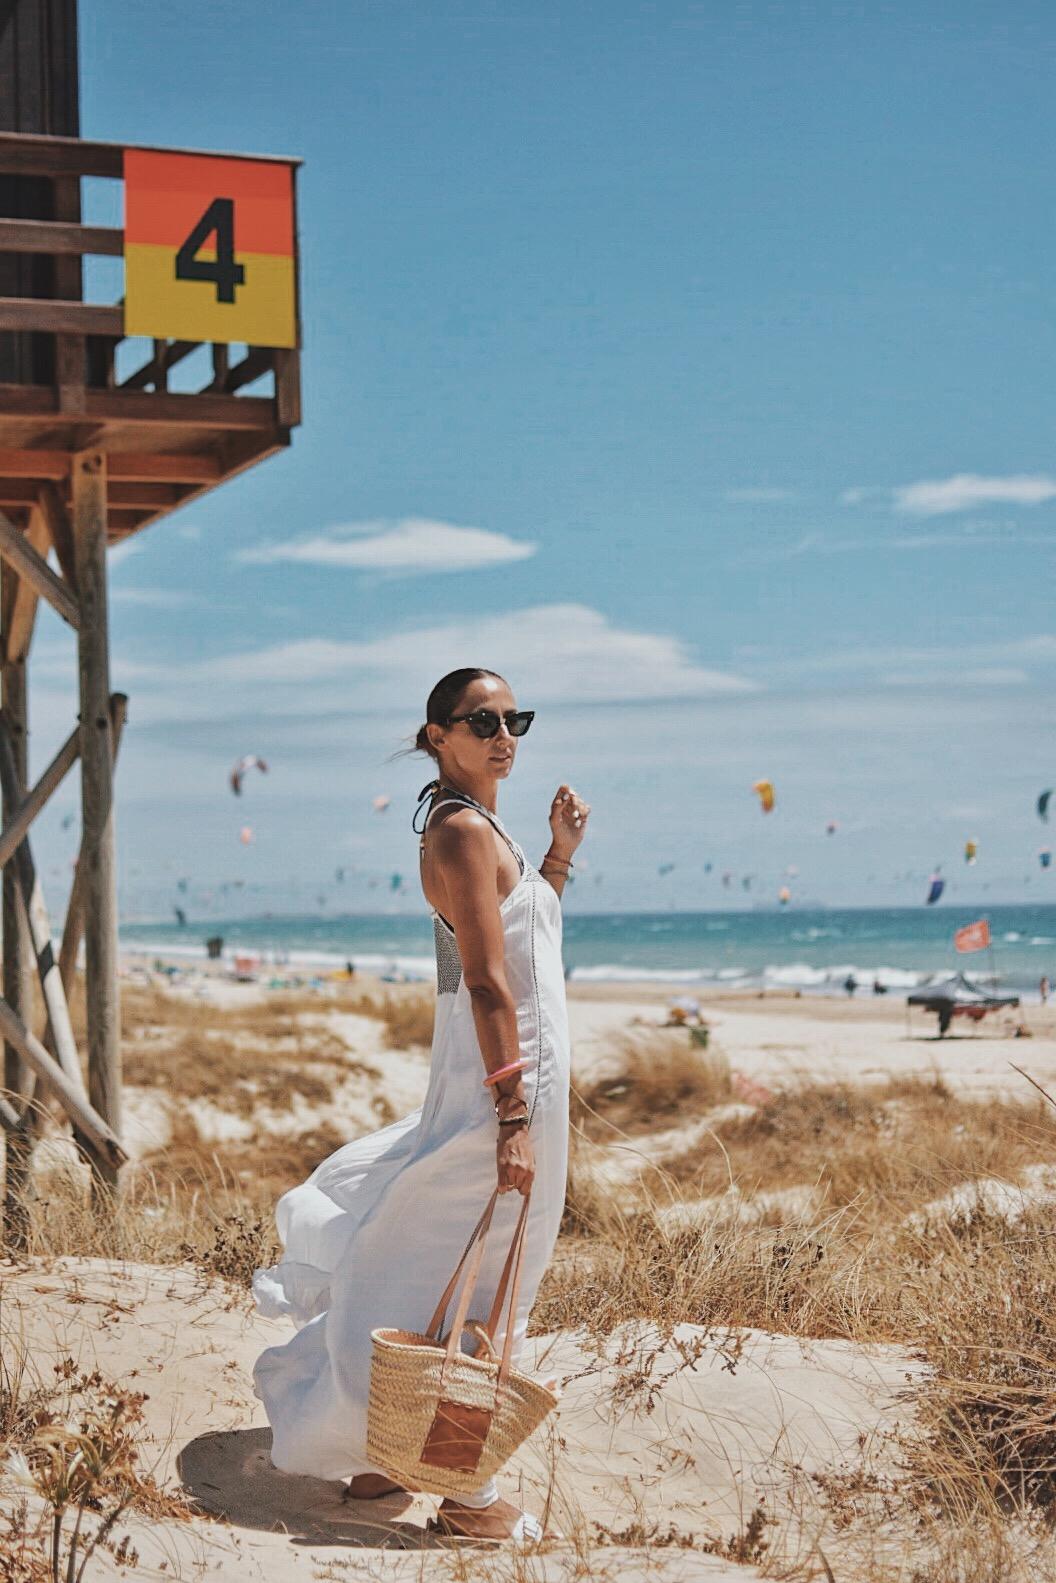 5-el-blog-de-silvia-vestido-blanco-tarifa